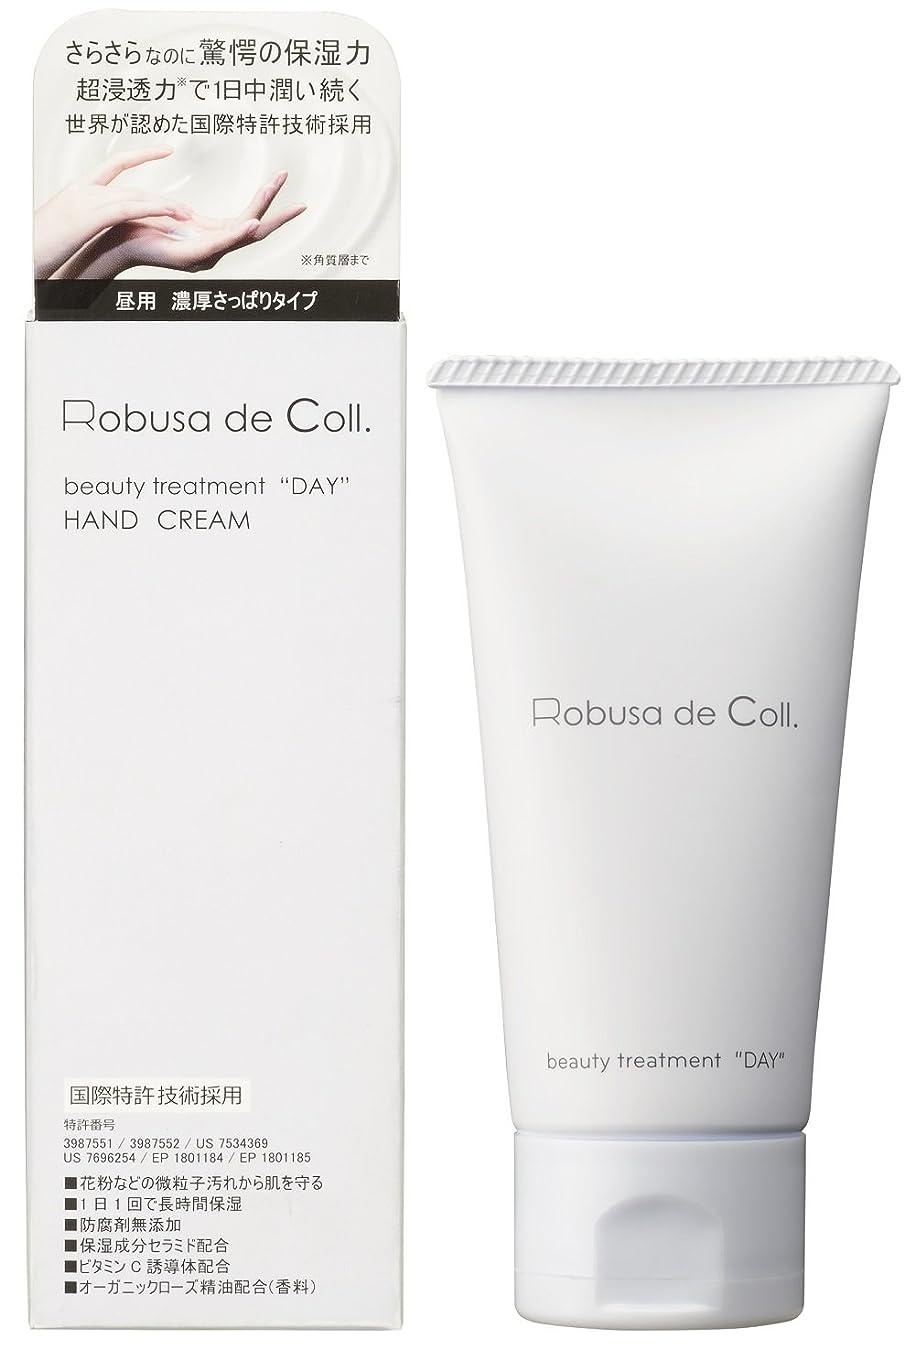 ハイブリッドローマ人匿名Robusa de Coll. (ロブサデコル) デイケアクリーム (ハンドクリーム) 60g (皮膚保護クリーム 乾燥 敏感肌用)